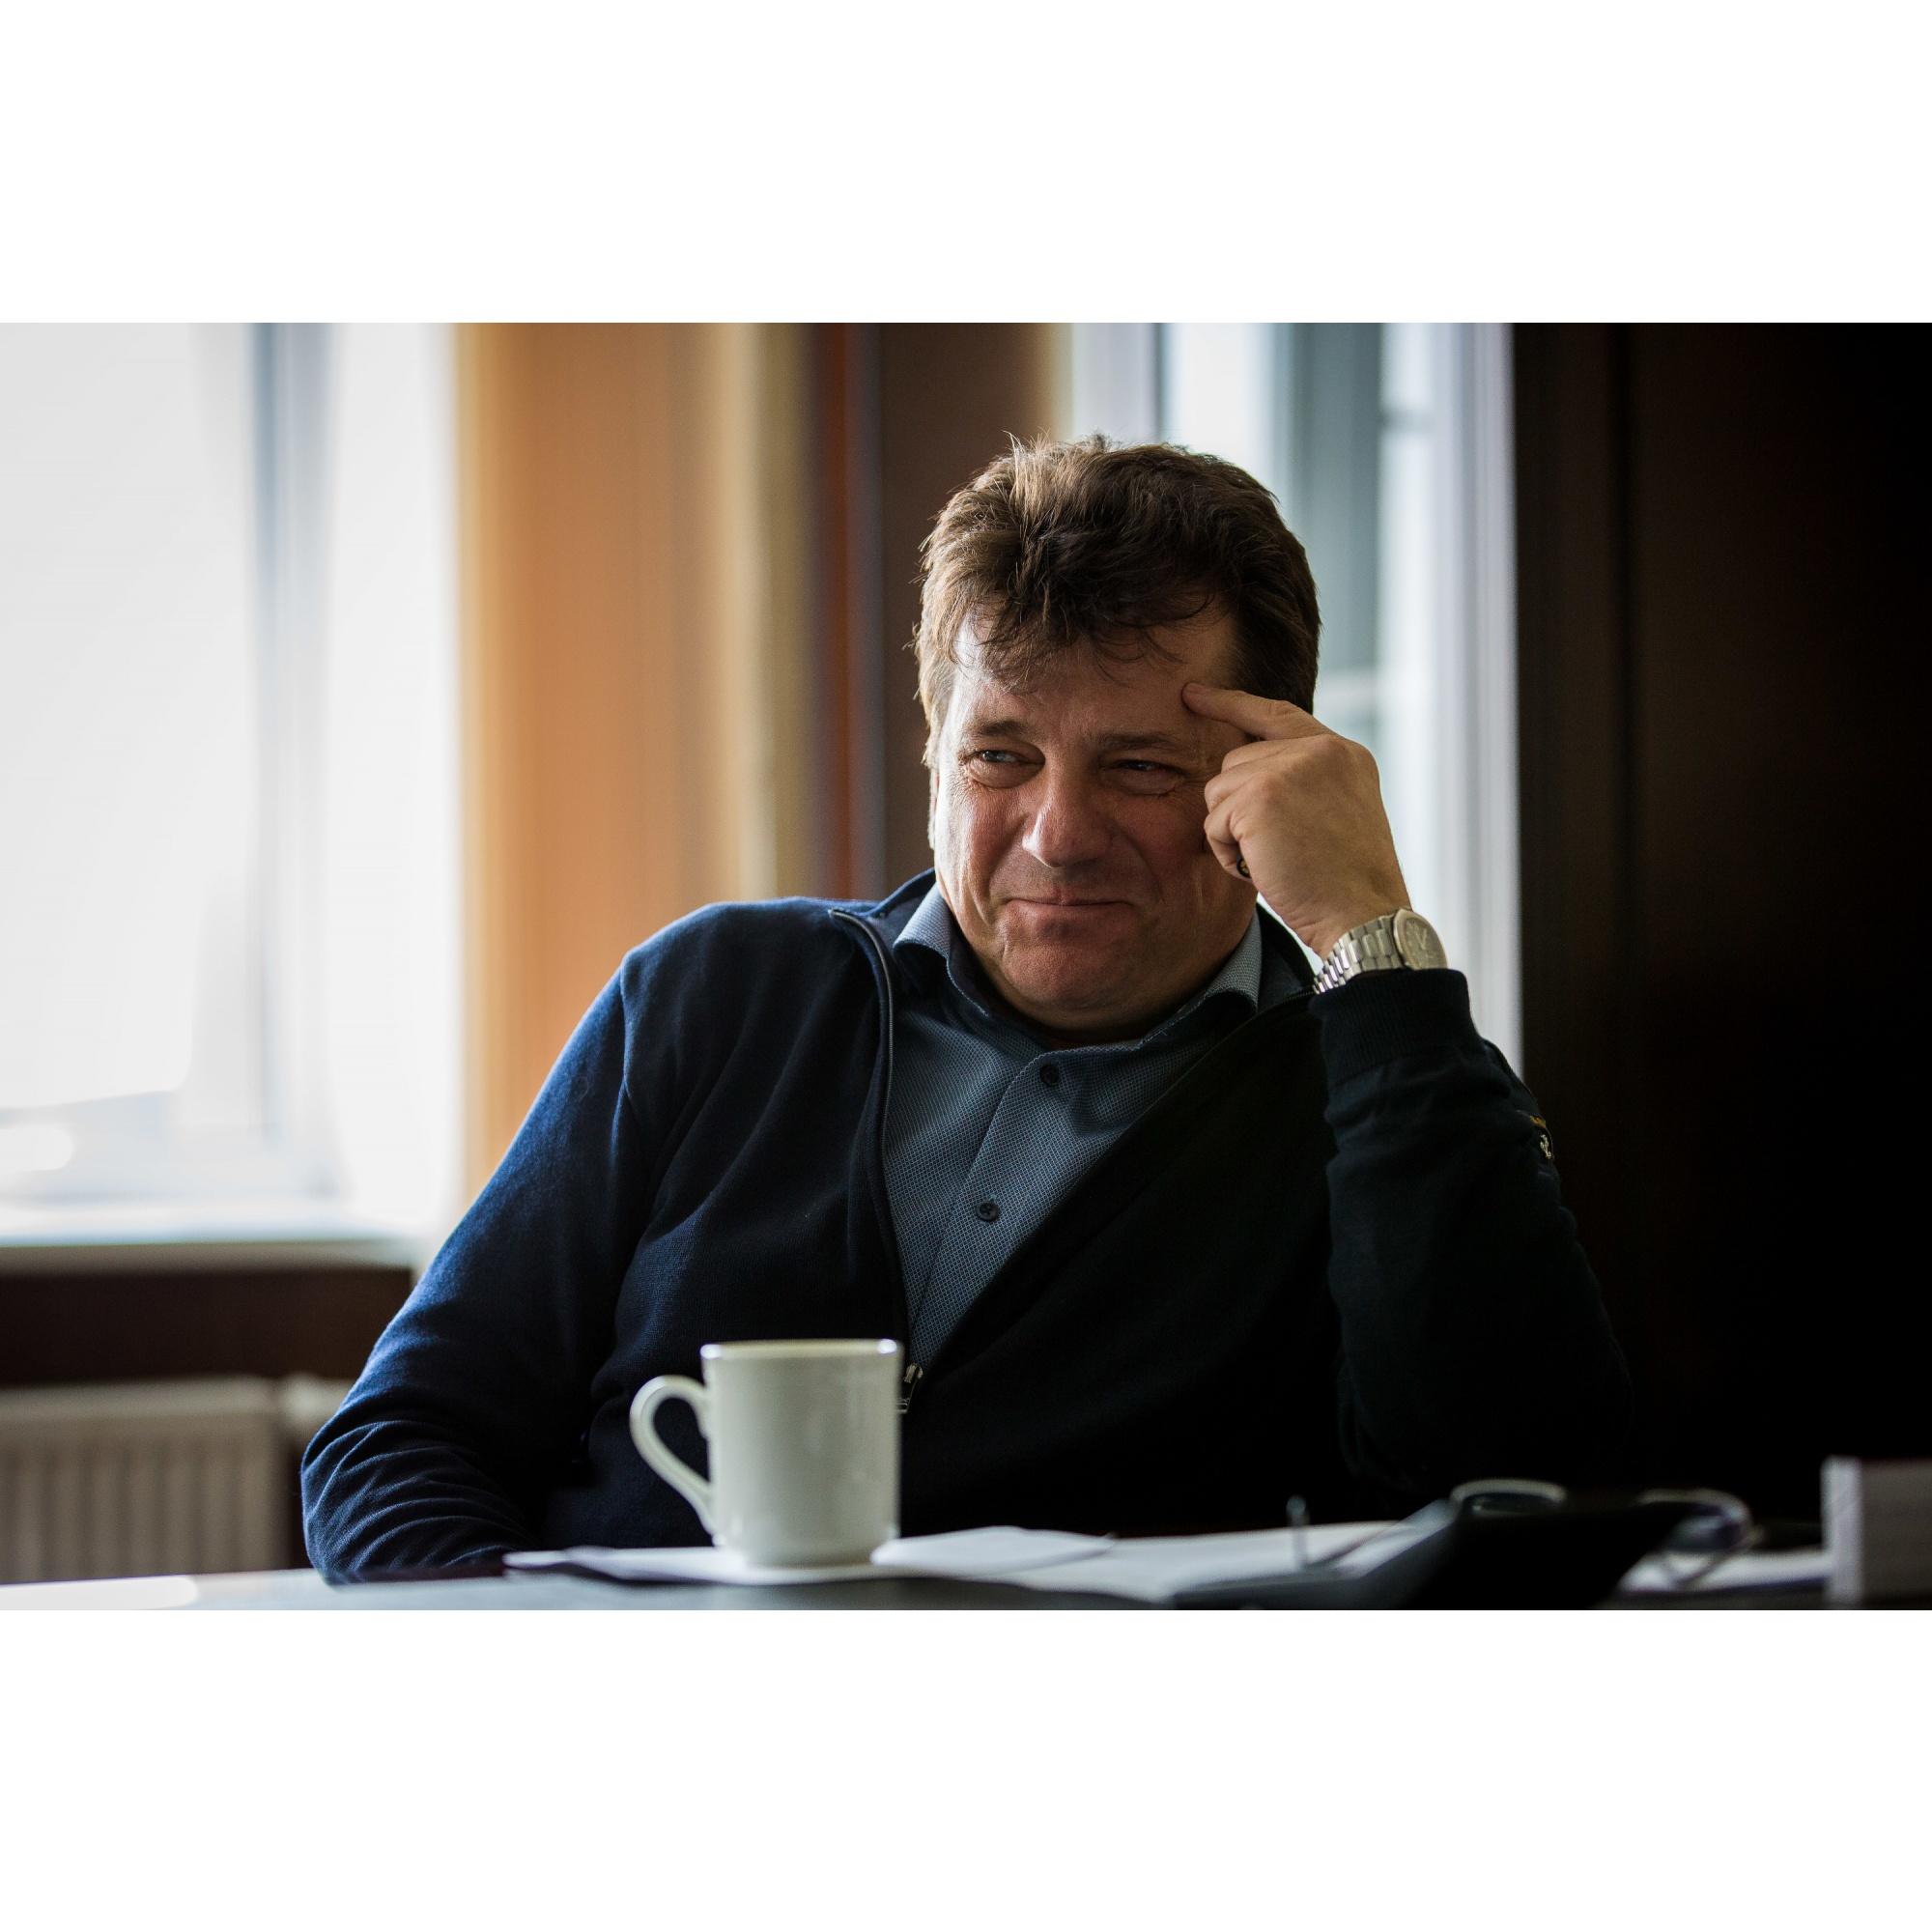 Владимир Конозаков на фермера, как его представляют городские жители, не очень похож: корреспондентов НГС он встретил с IQOS в руках — сразу становится понятно, что тут правят современные технологии